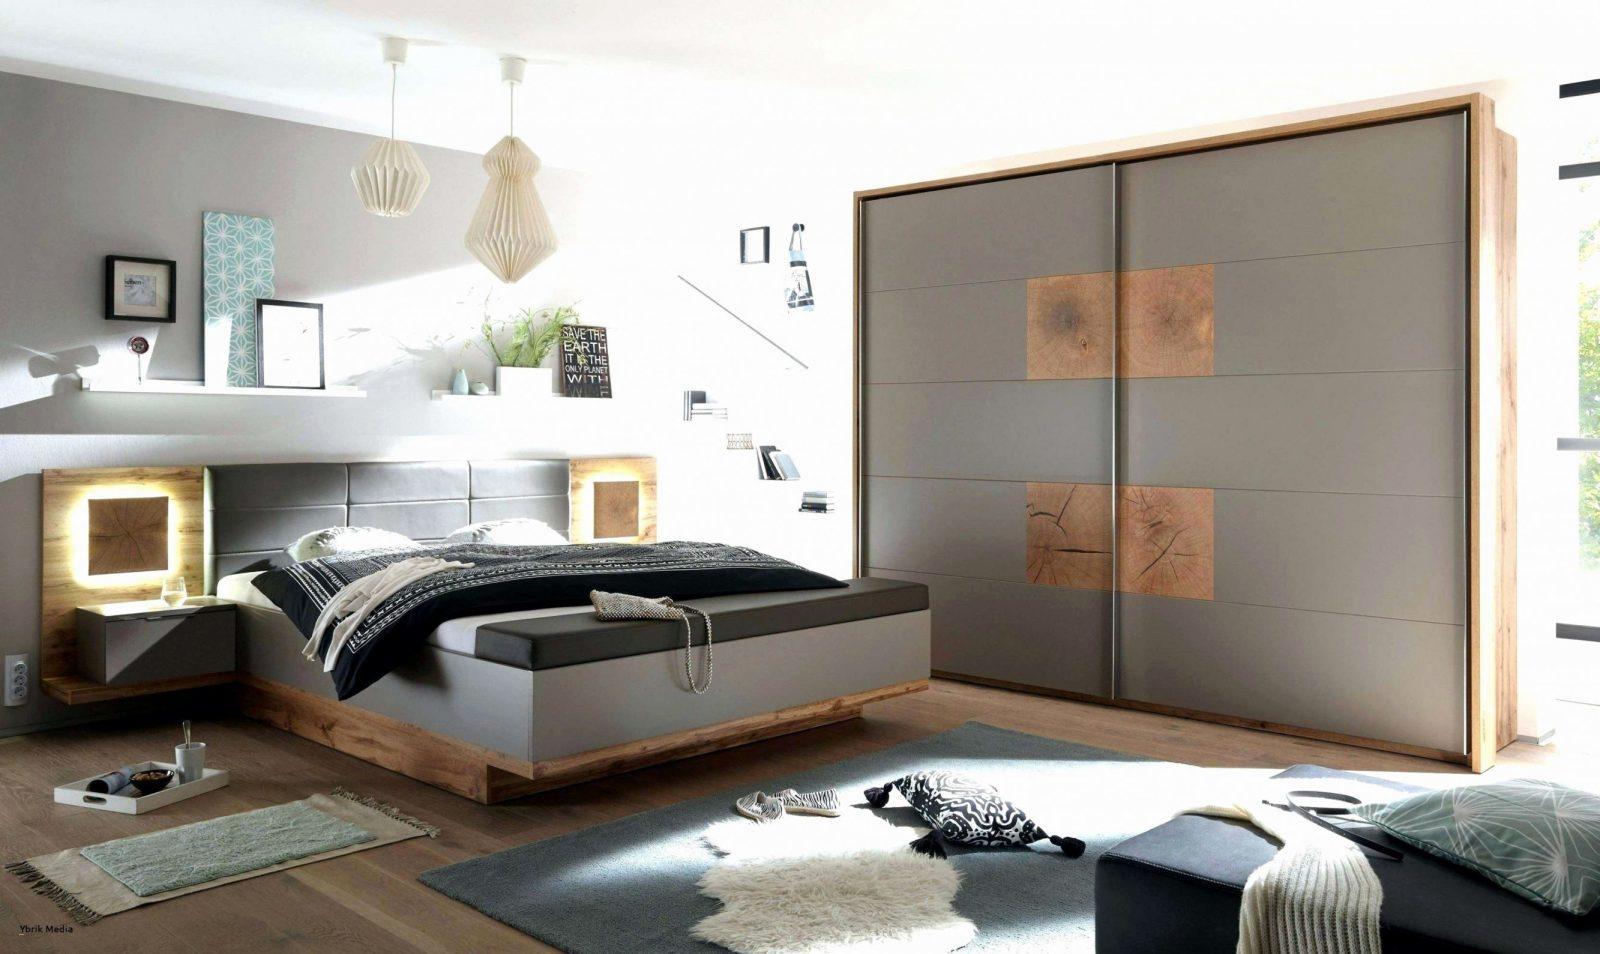 Schlafzimmer 13 Qm Einrichten  Bedroom Ideas  Bedroom Ideas von 13 Qm Zimmer Einrichten Bild